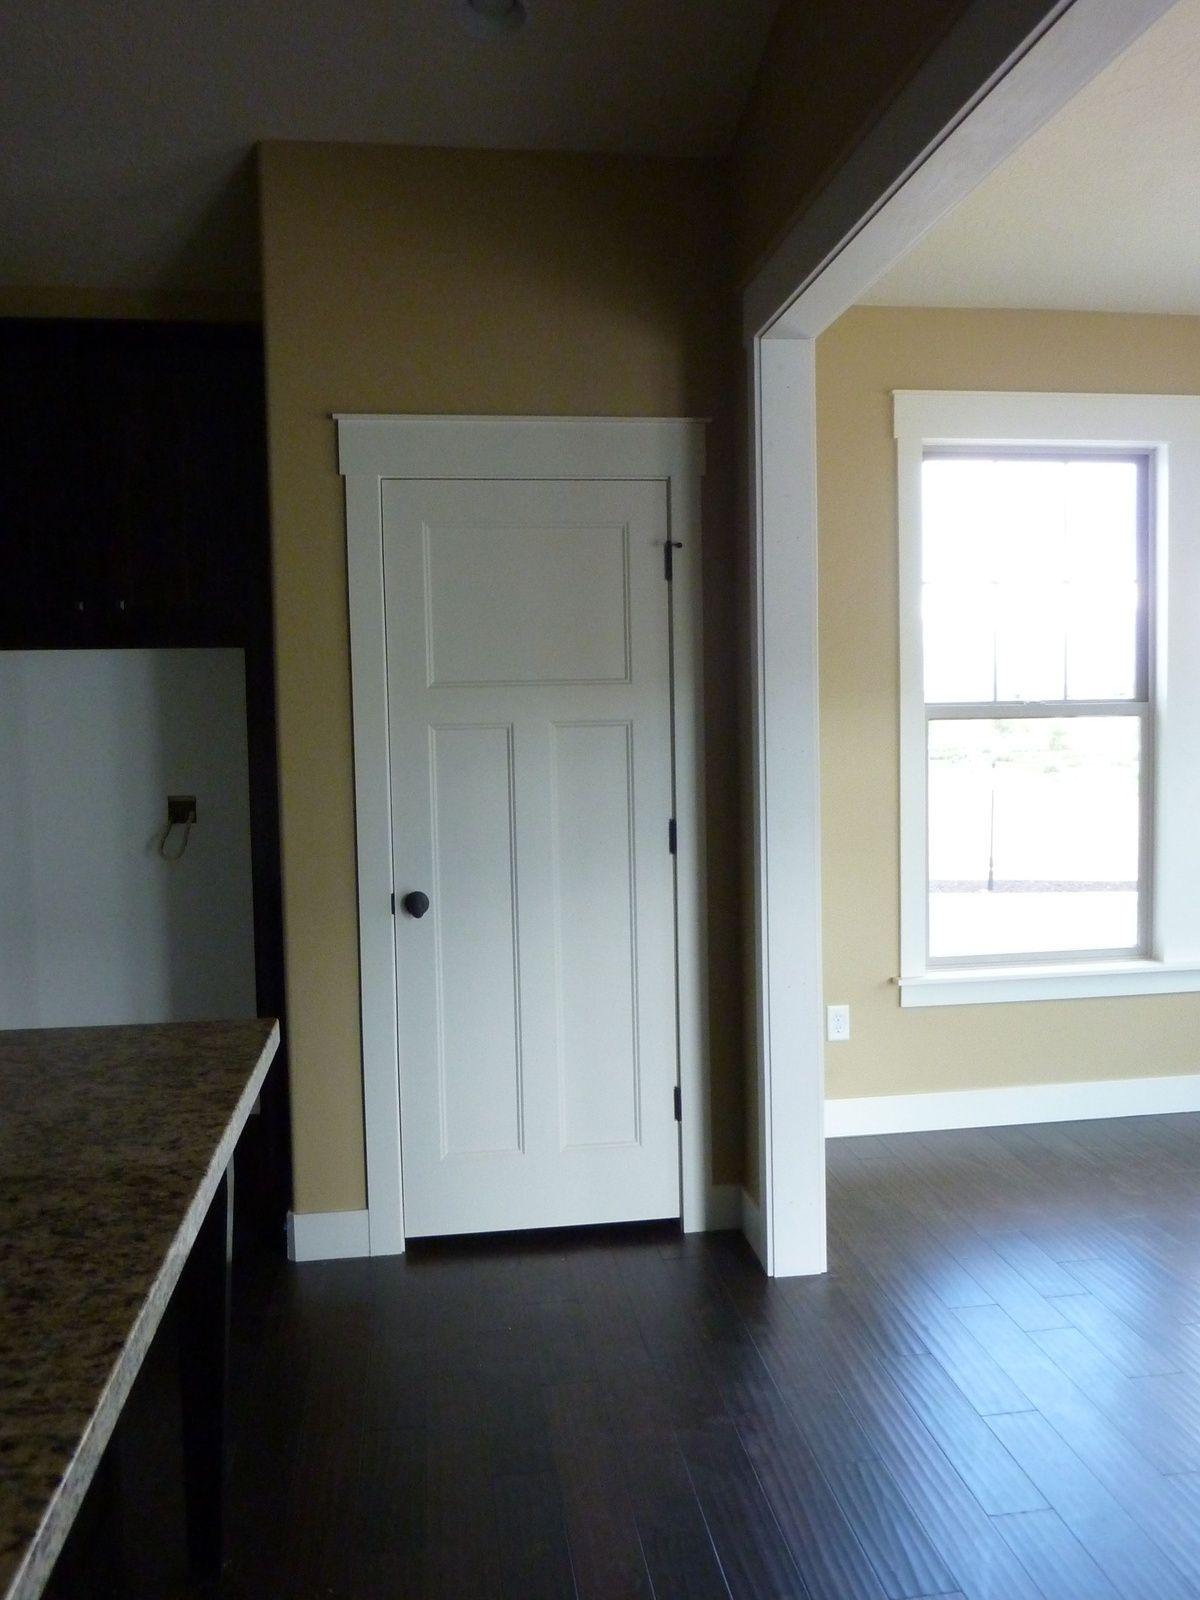 A3af064c12efeb160db042aaadd61913 Jpg 1 200 1 600 Pixels Home Renovation House Redesign Home